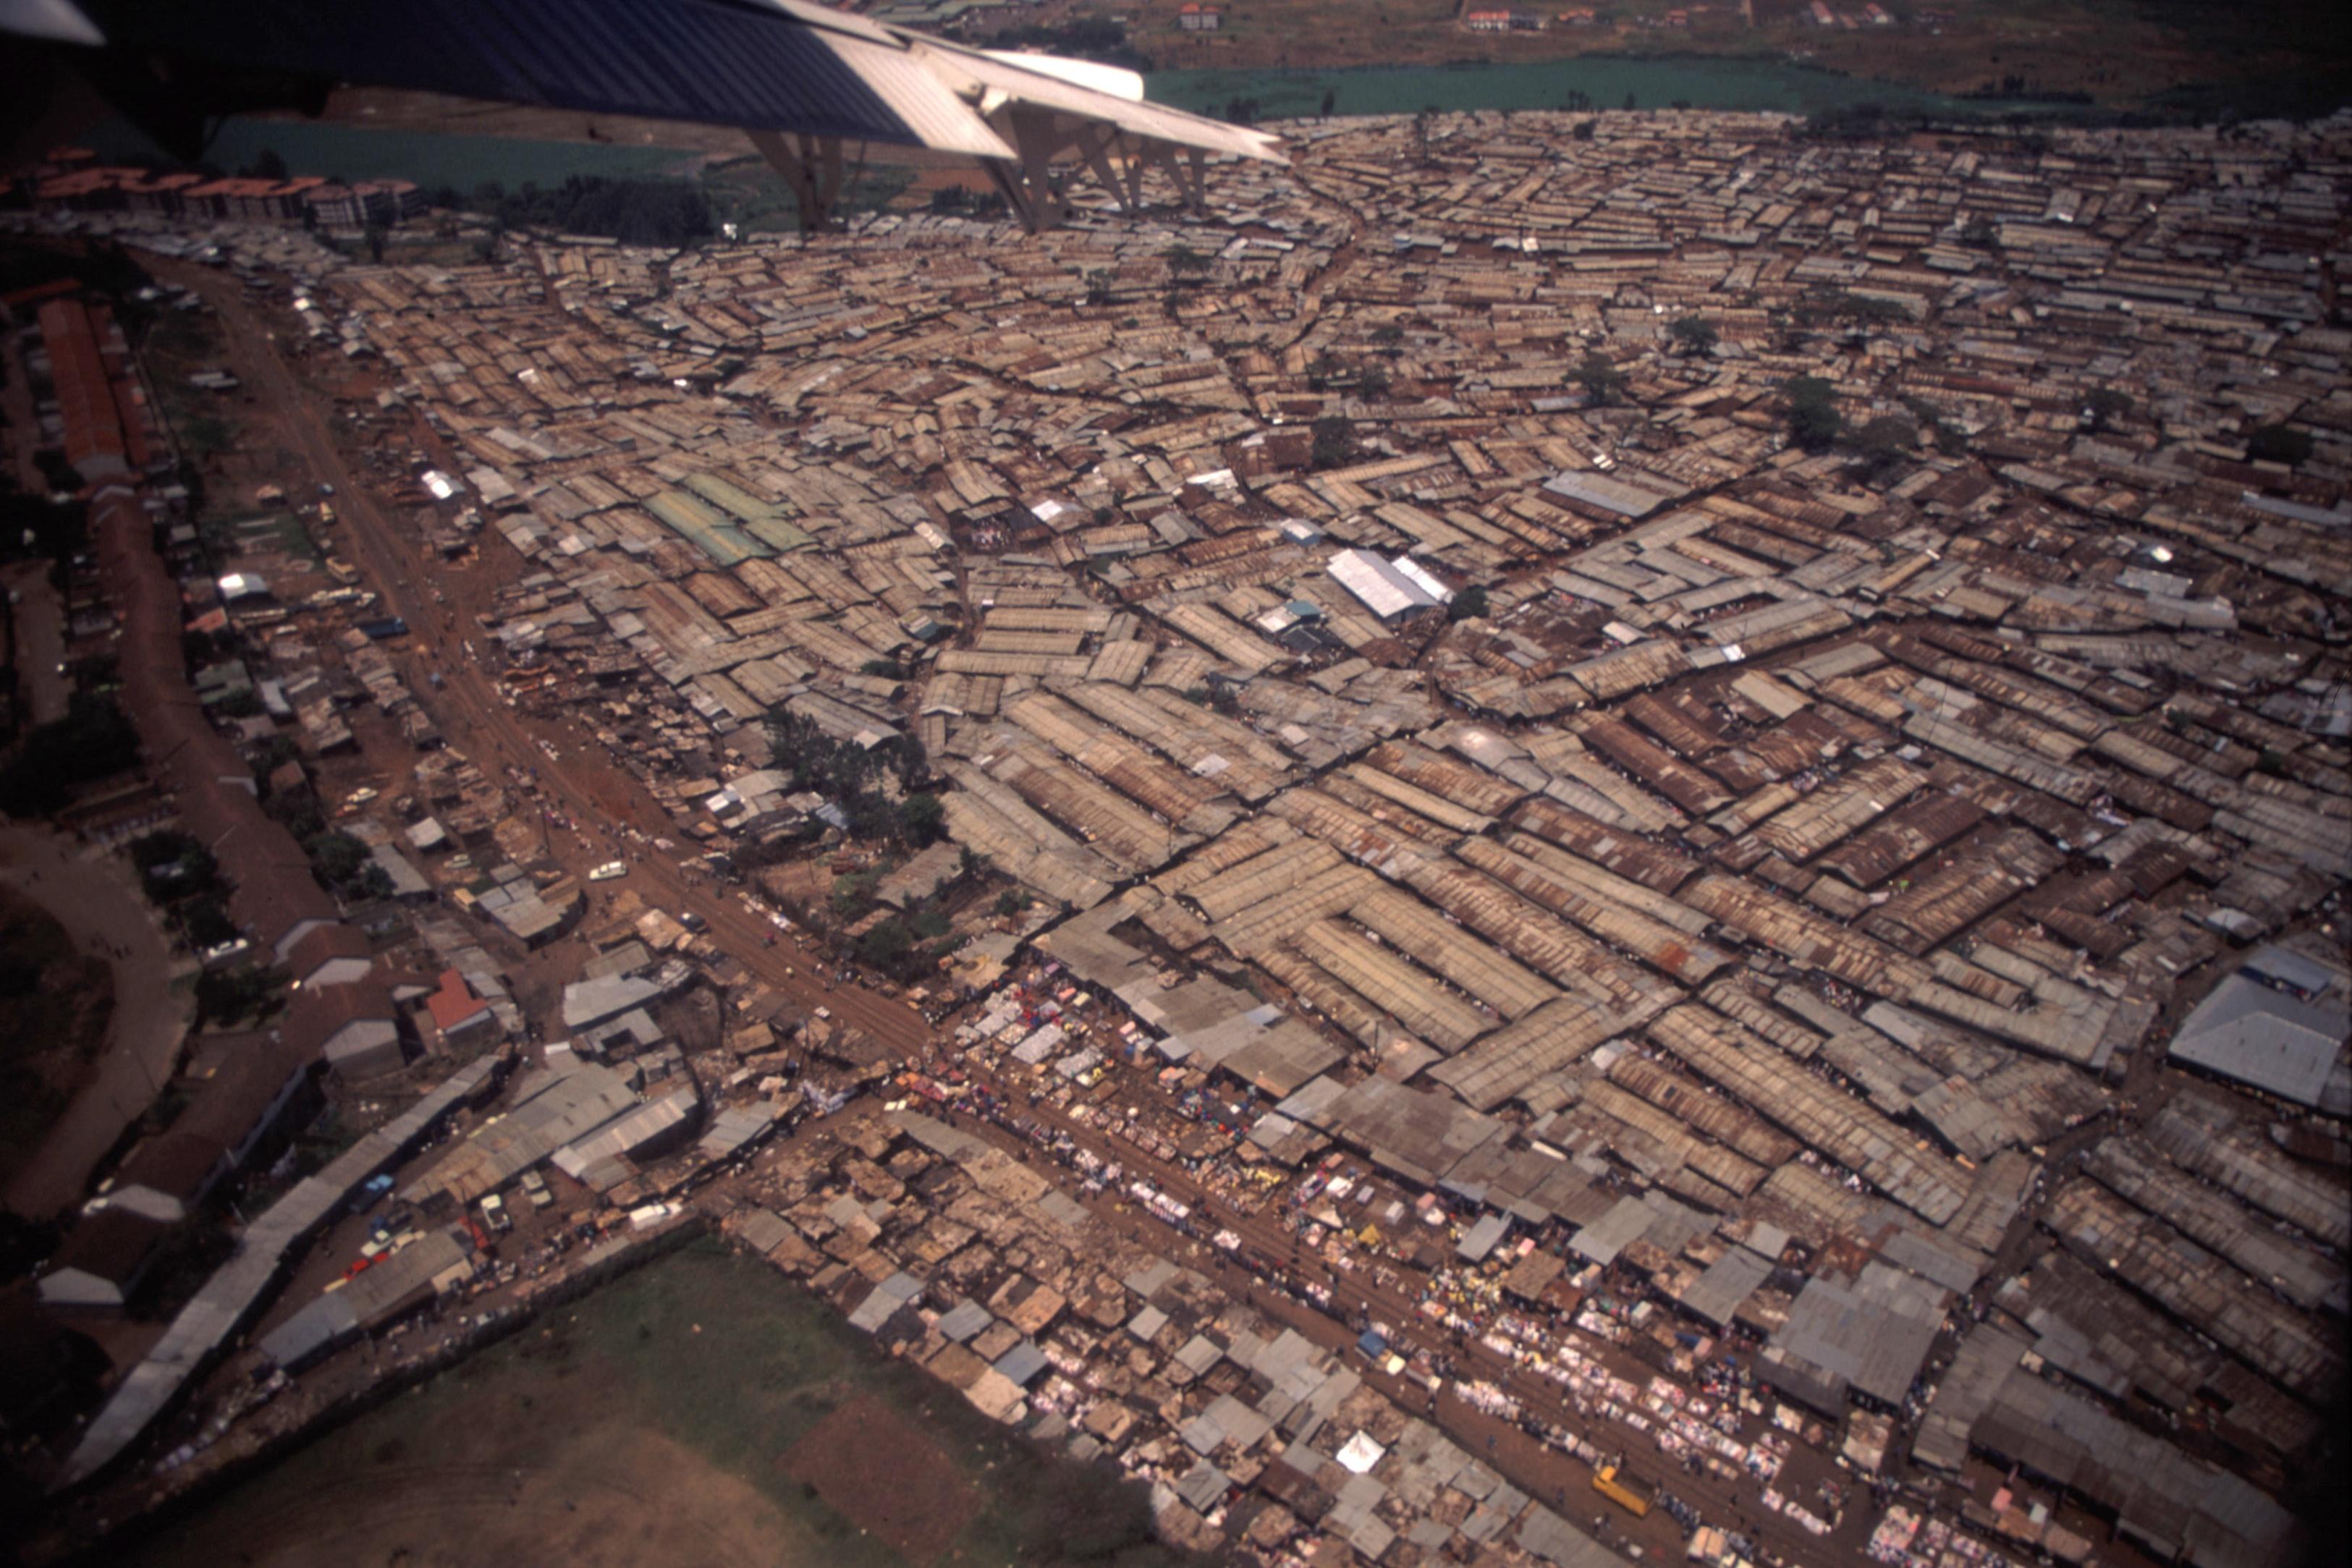 אורבניזציה מואצת ועוני מתפשט. סלאמס בניירובי (צילום: John Storr, ויקימדיה, צילום ברישיון Public Domain)